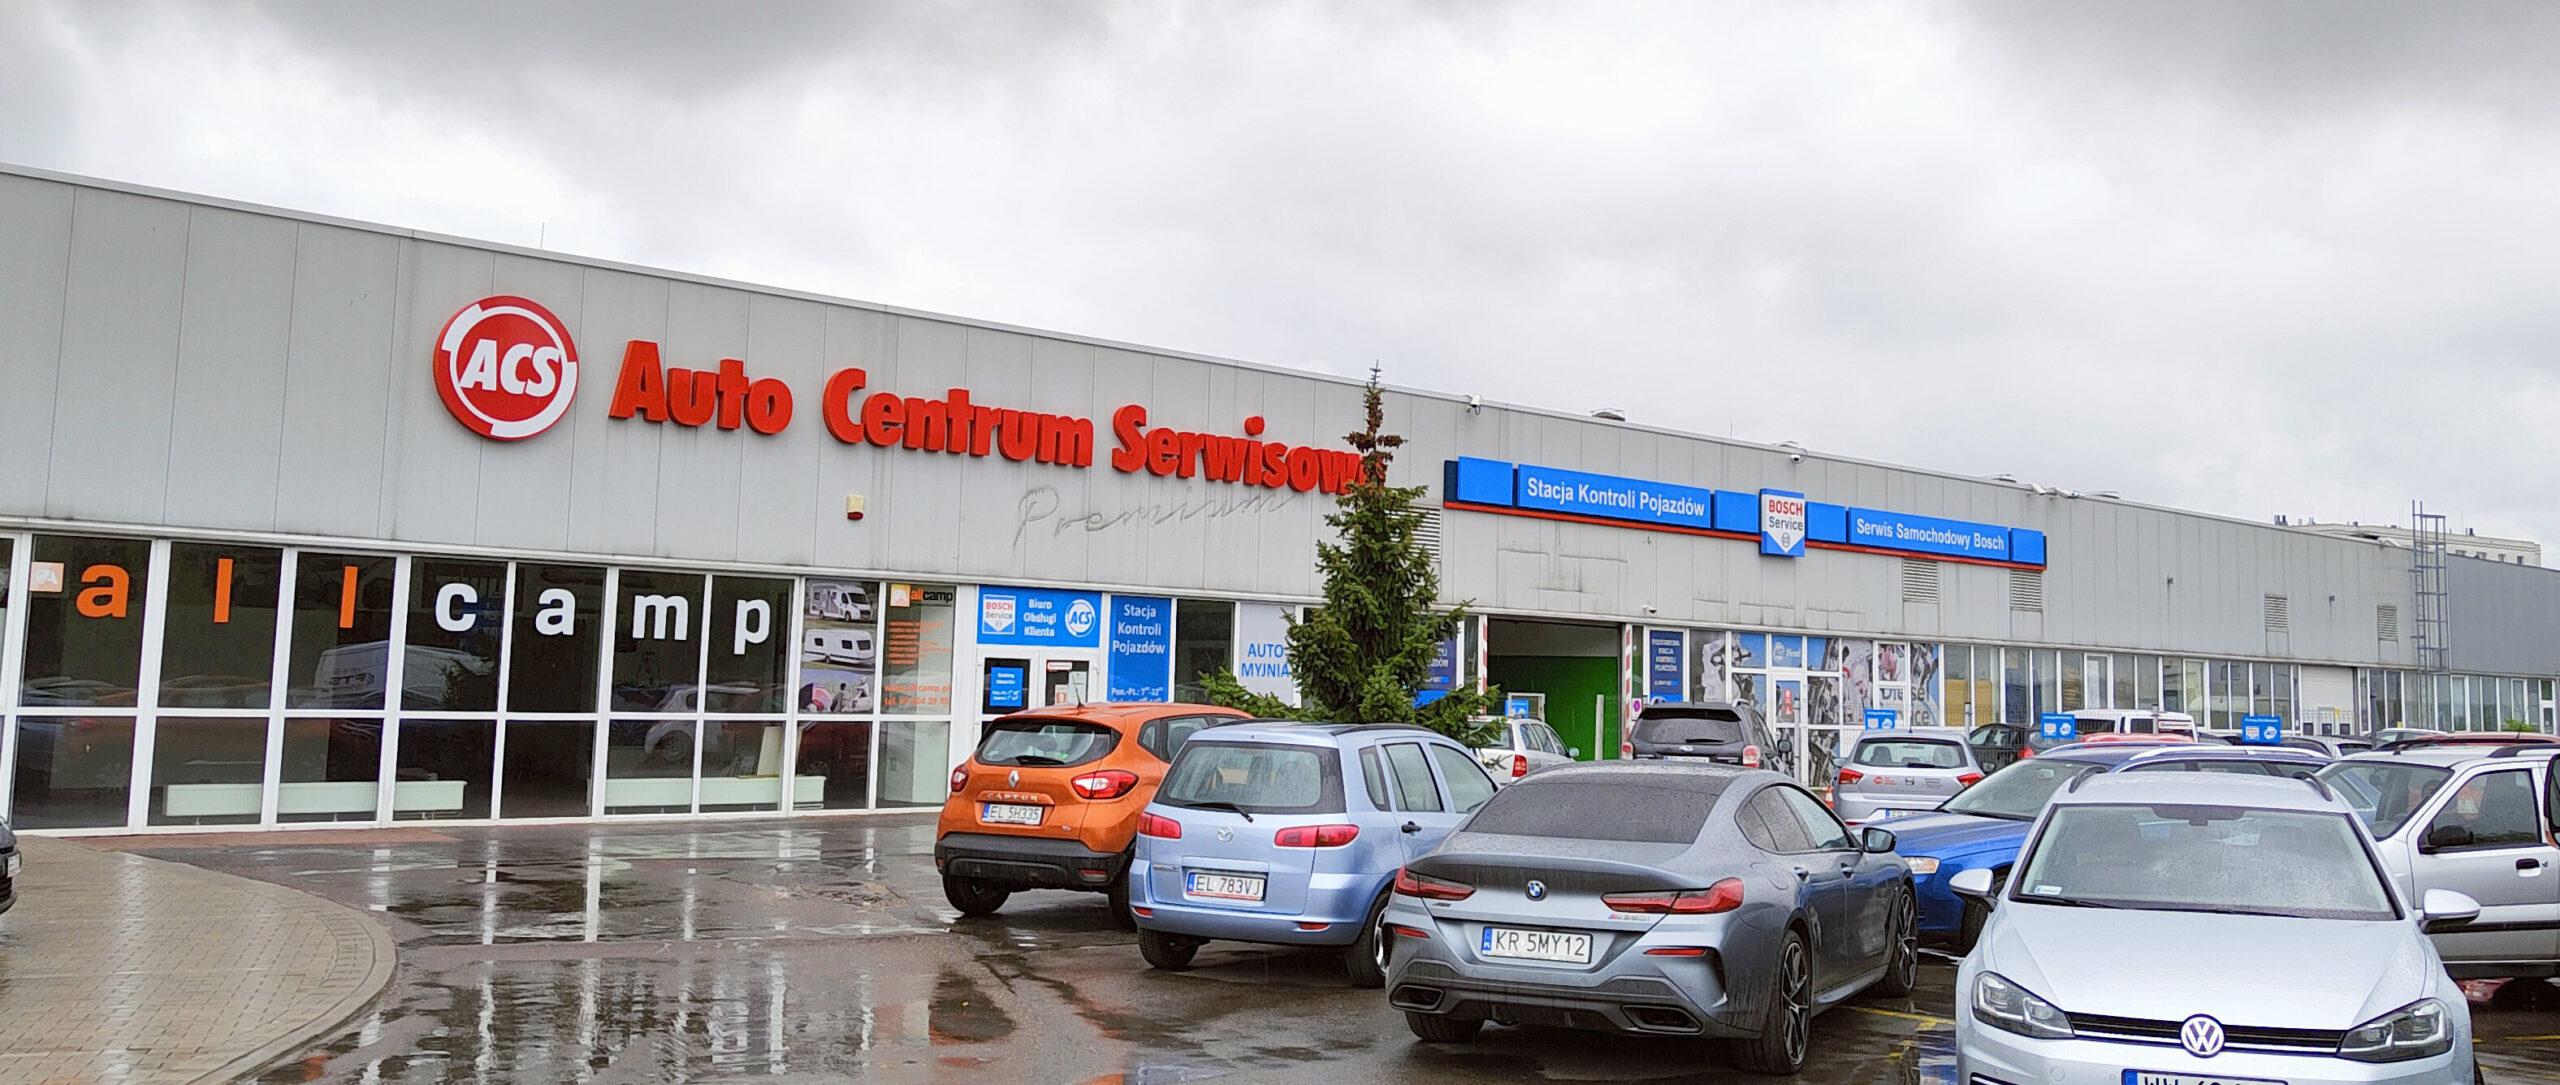 Auto Centrum Serwisowe Łódź